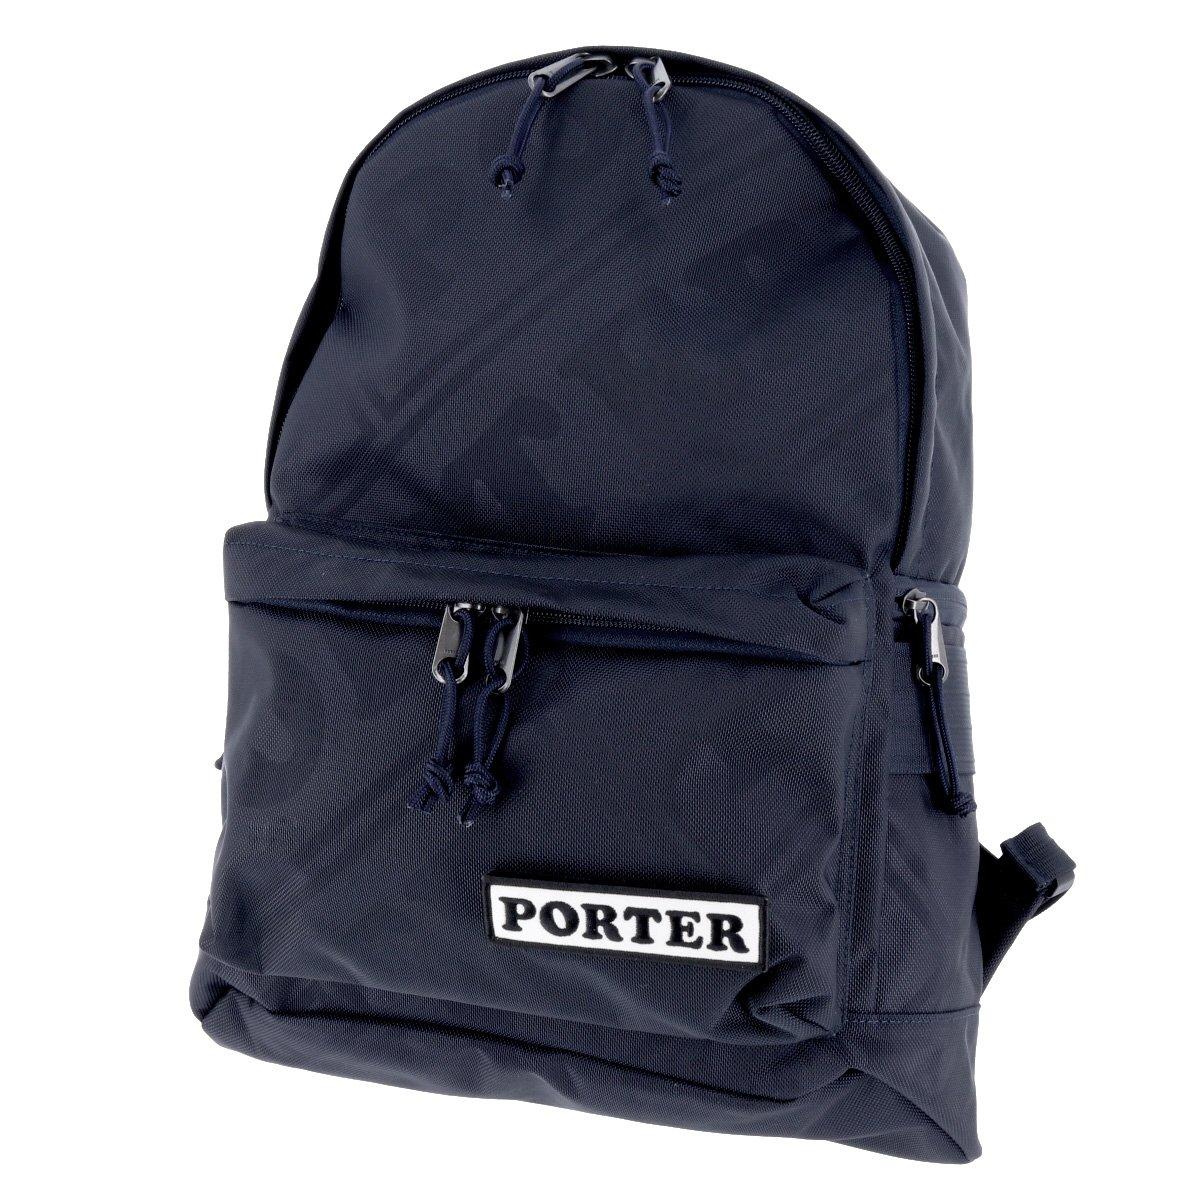 (ポーター) PORTER リュック DAY PAC  3.ネイビー B0788QHDMZ